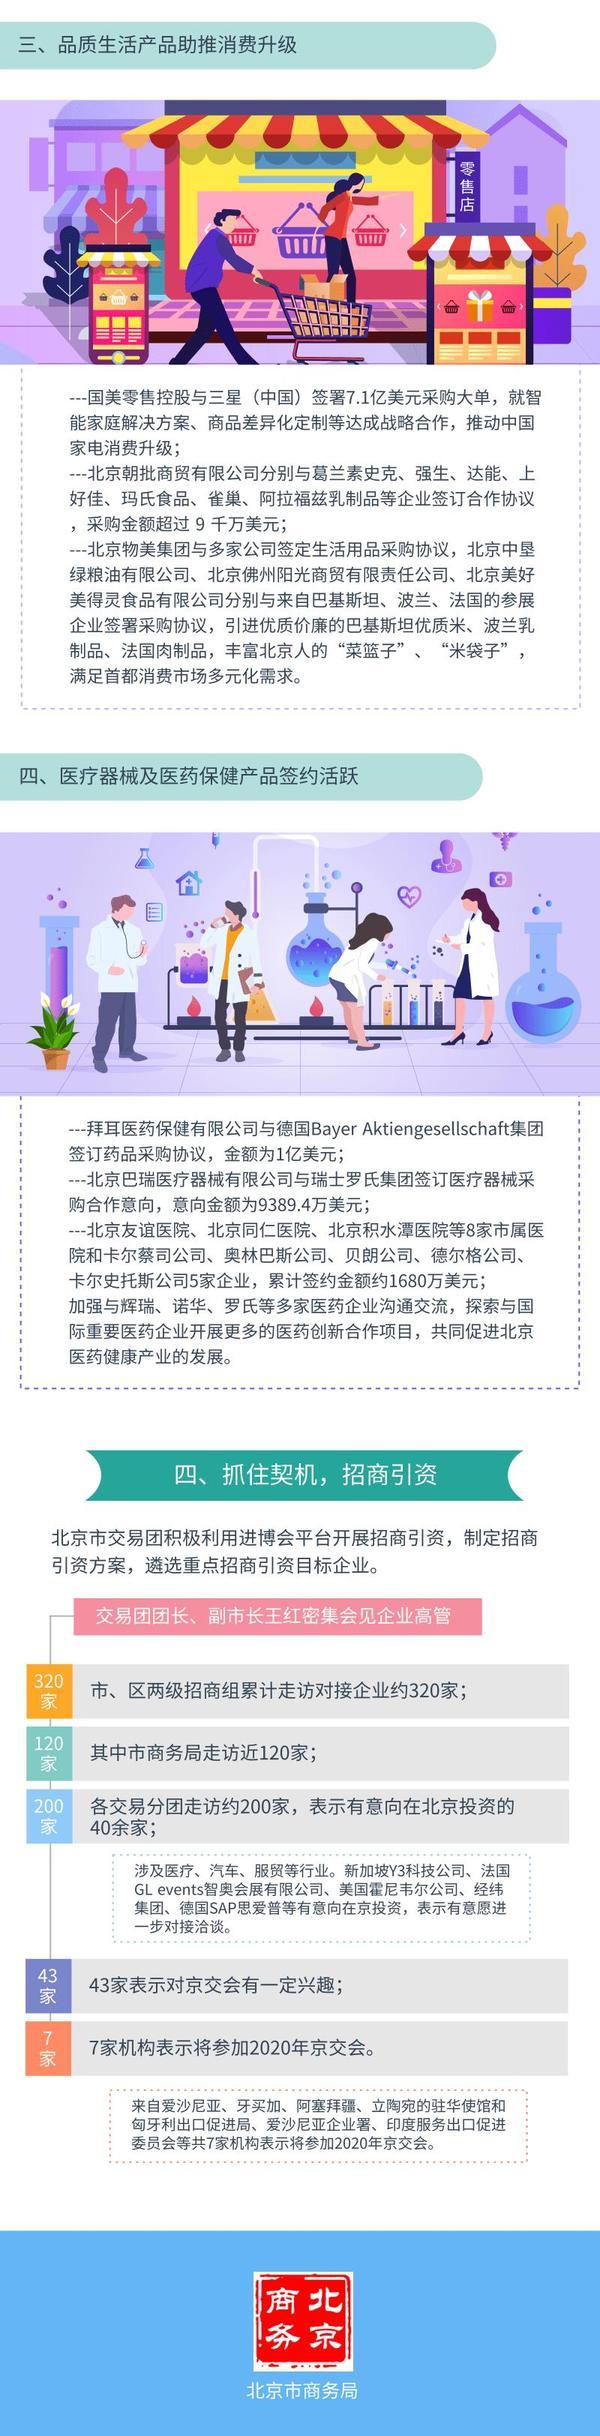 凤凰平台开户服务,哈药股份回应多个产品抽检不合格